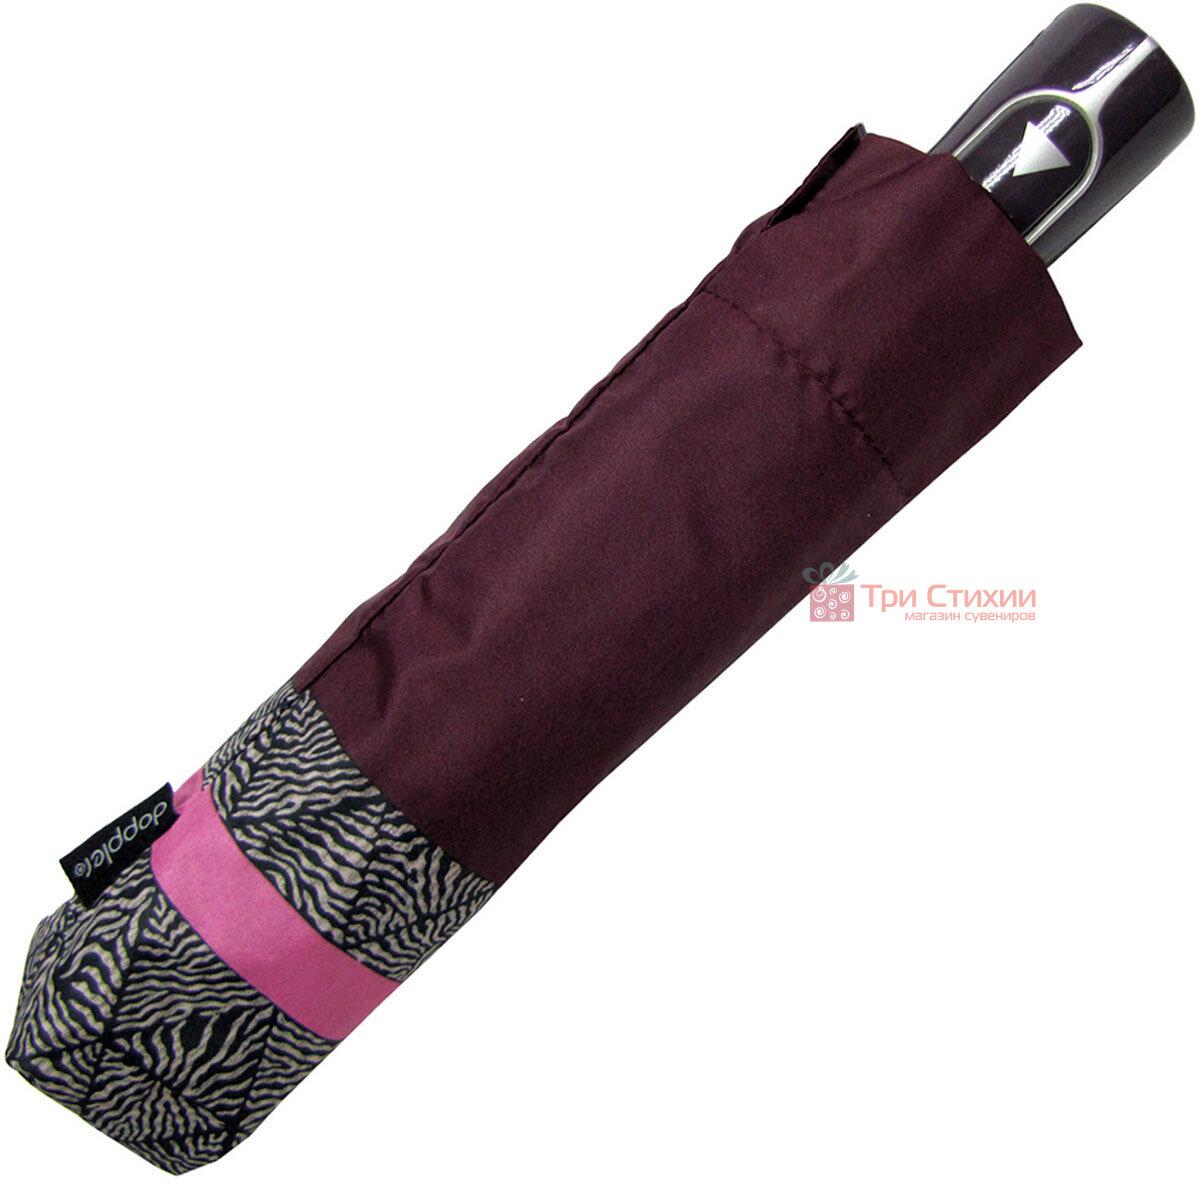 Зонт складной Doppler 7301653003-1 полуавтомат Бордовый Кант, фото 5